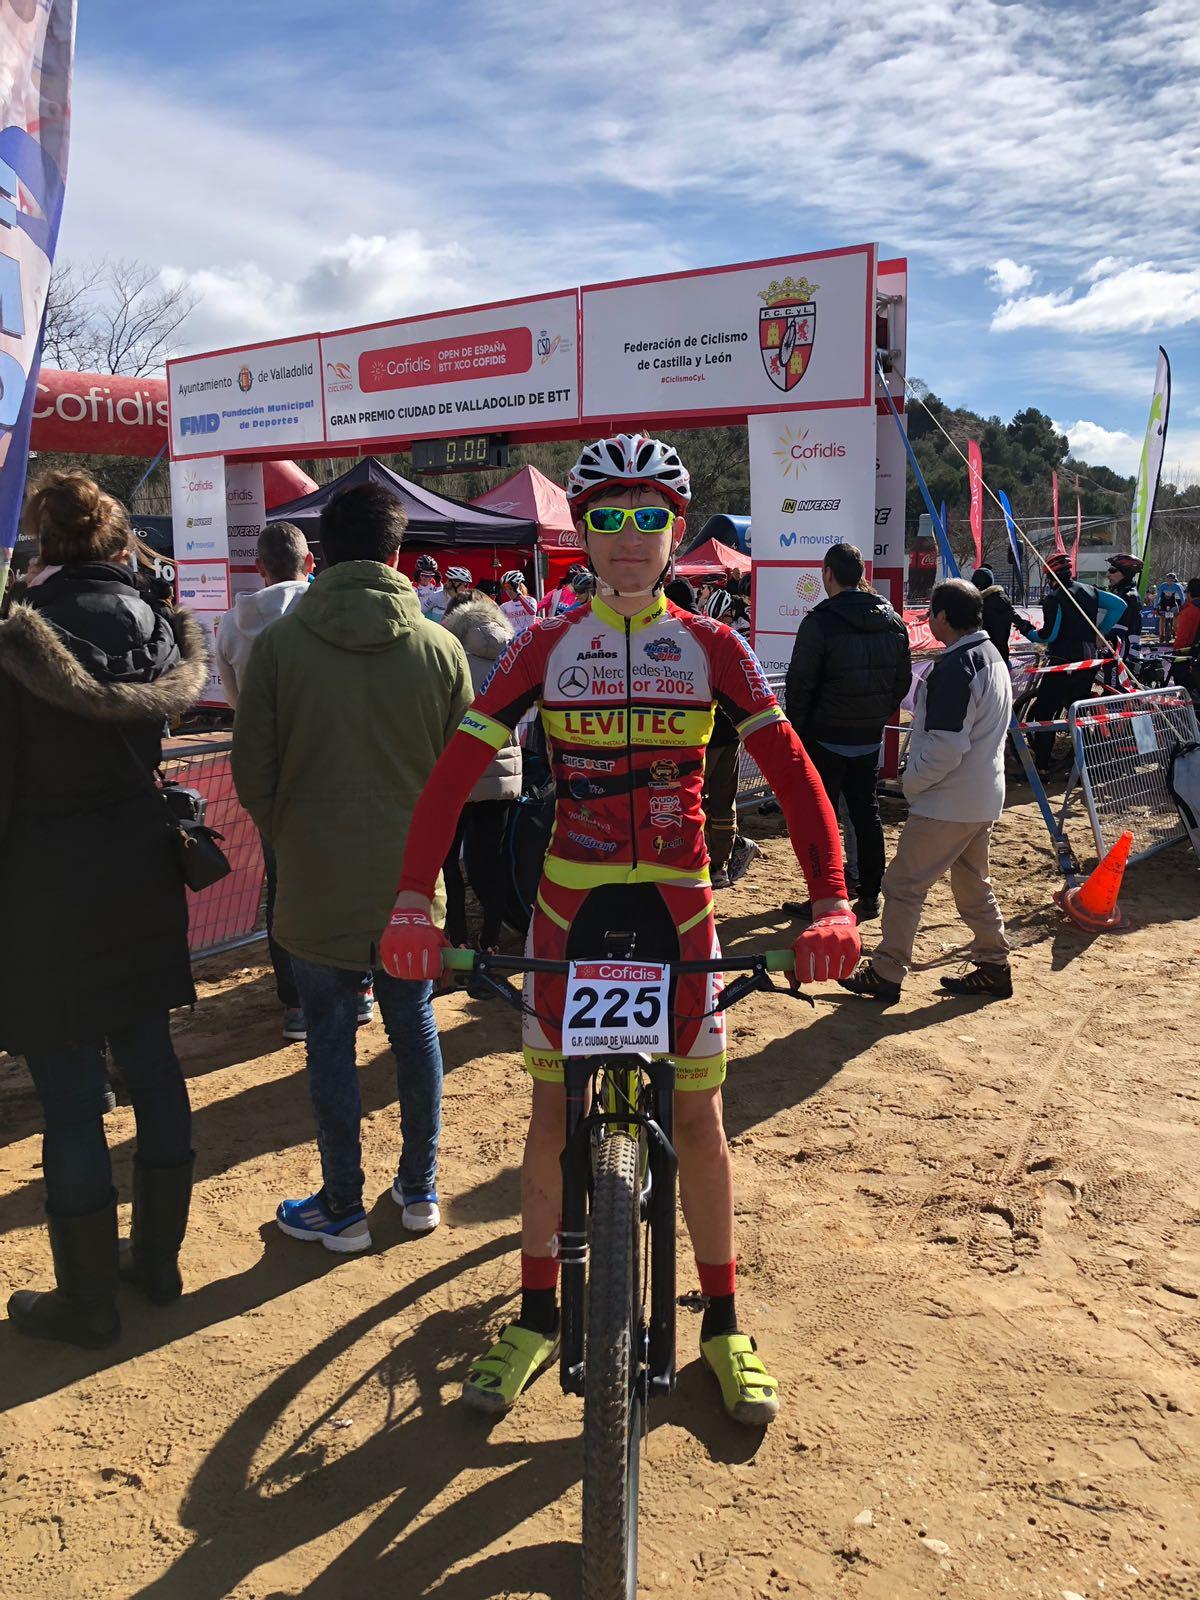 Circuito Xco : Huesca bike  ª prueba open de espaÑa xco valladolid